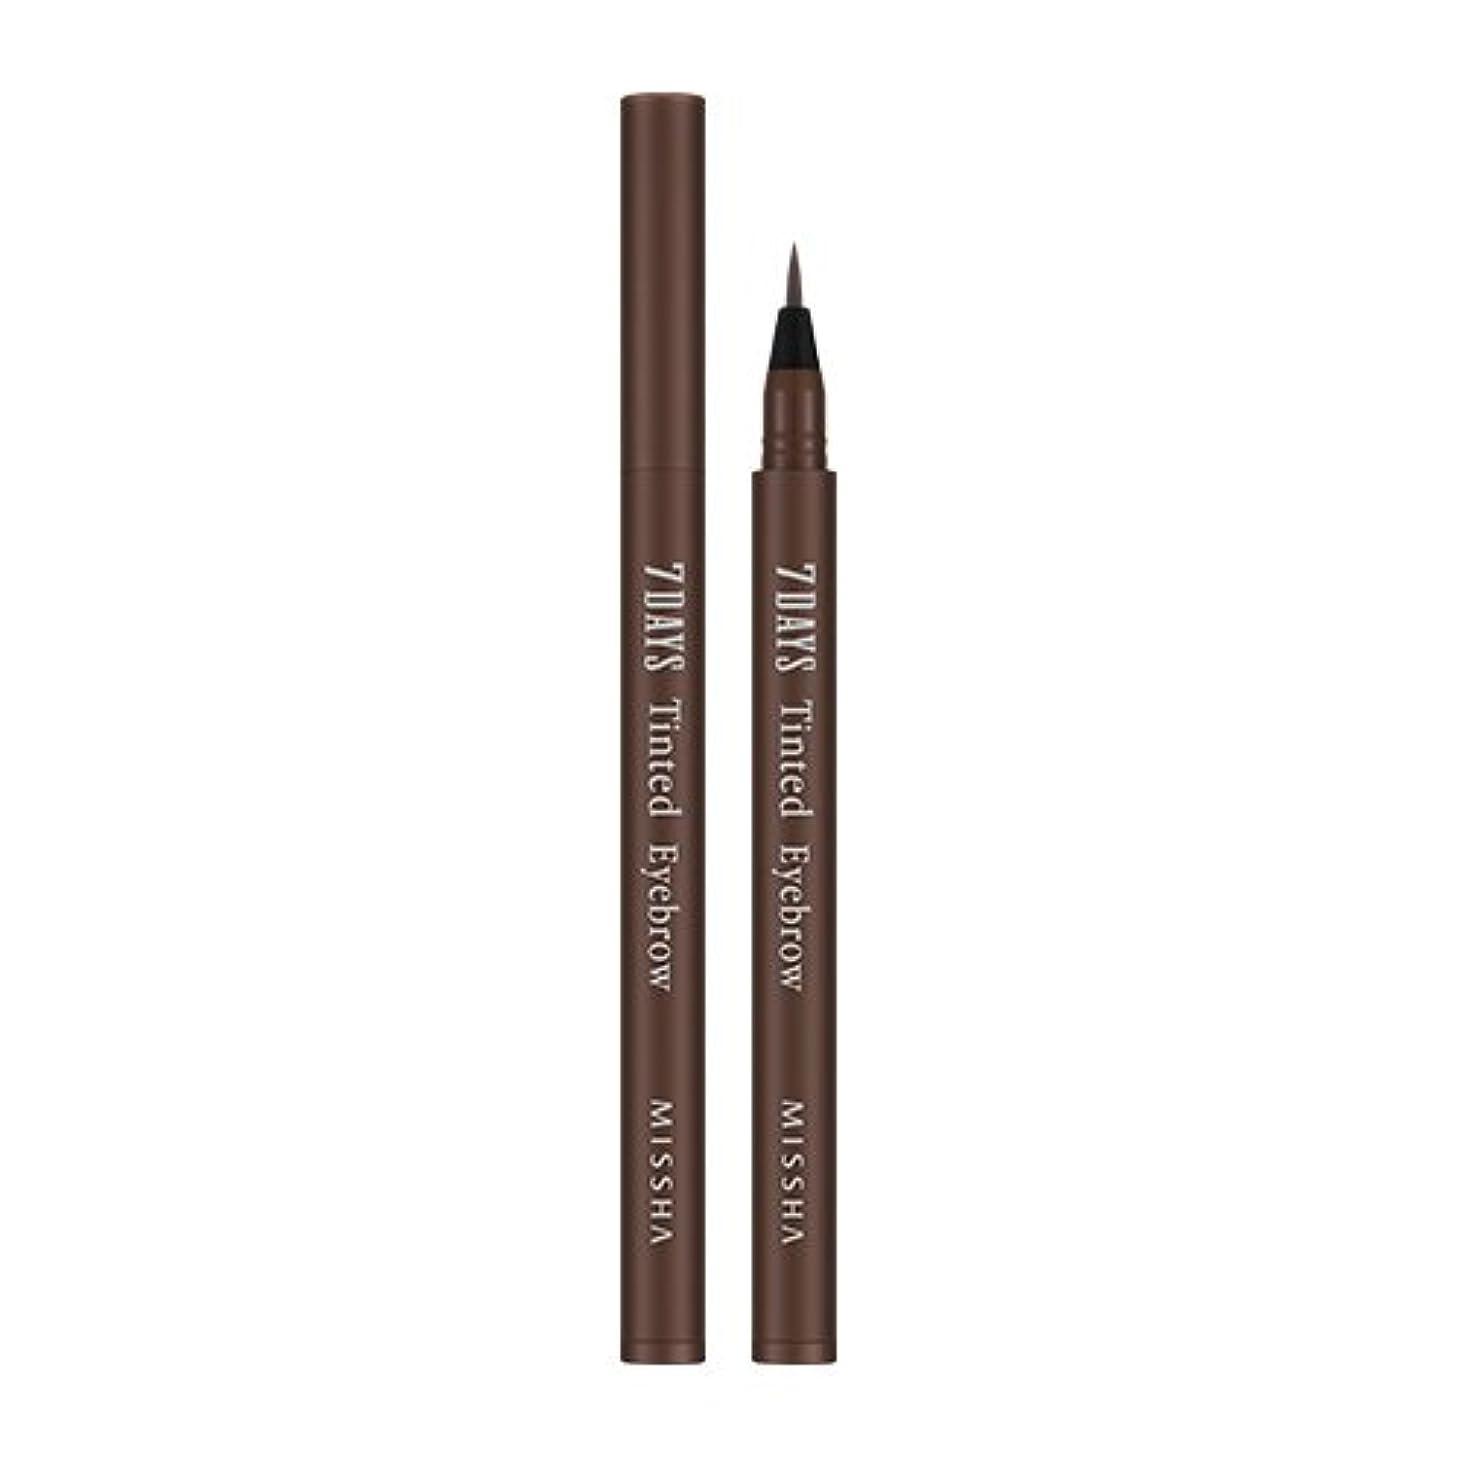 魅力テンポ配置MISSHA Seven Days Tinted Eye Brow 0.8ml (#02 Sinopia Brown)/ミシャ セブンデイズ ティンテッド アイブロウ 0.8ml (#02 Sinopia Brown)